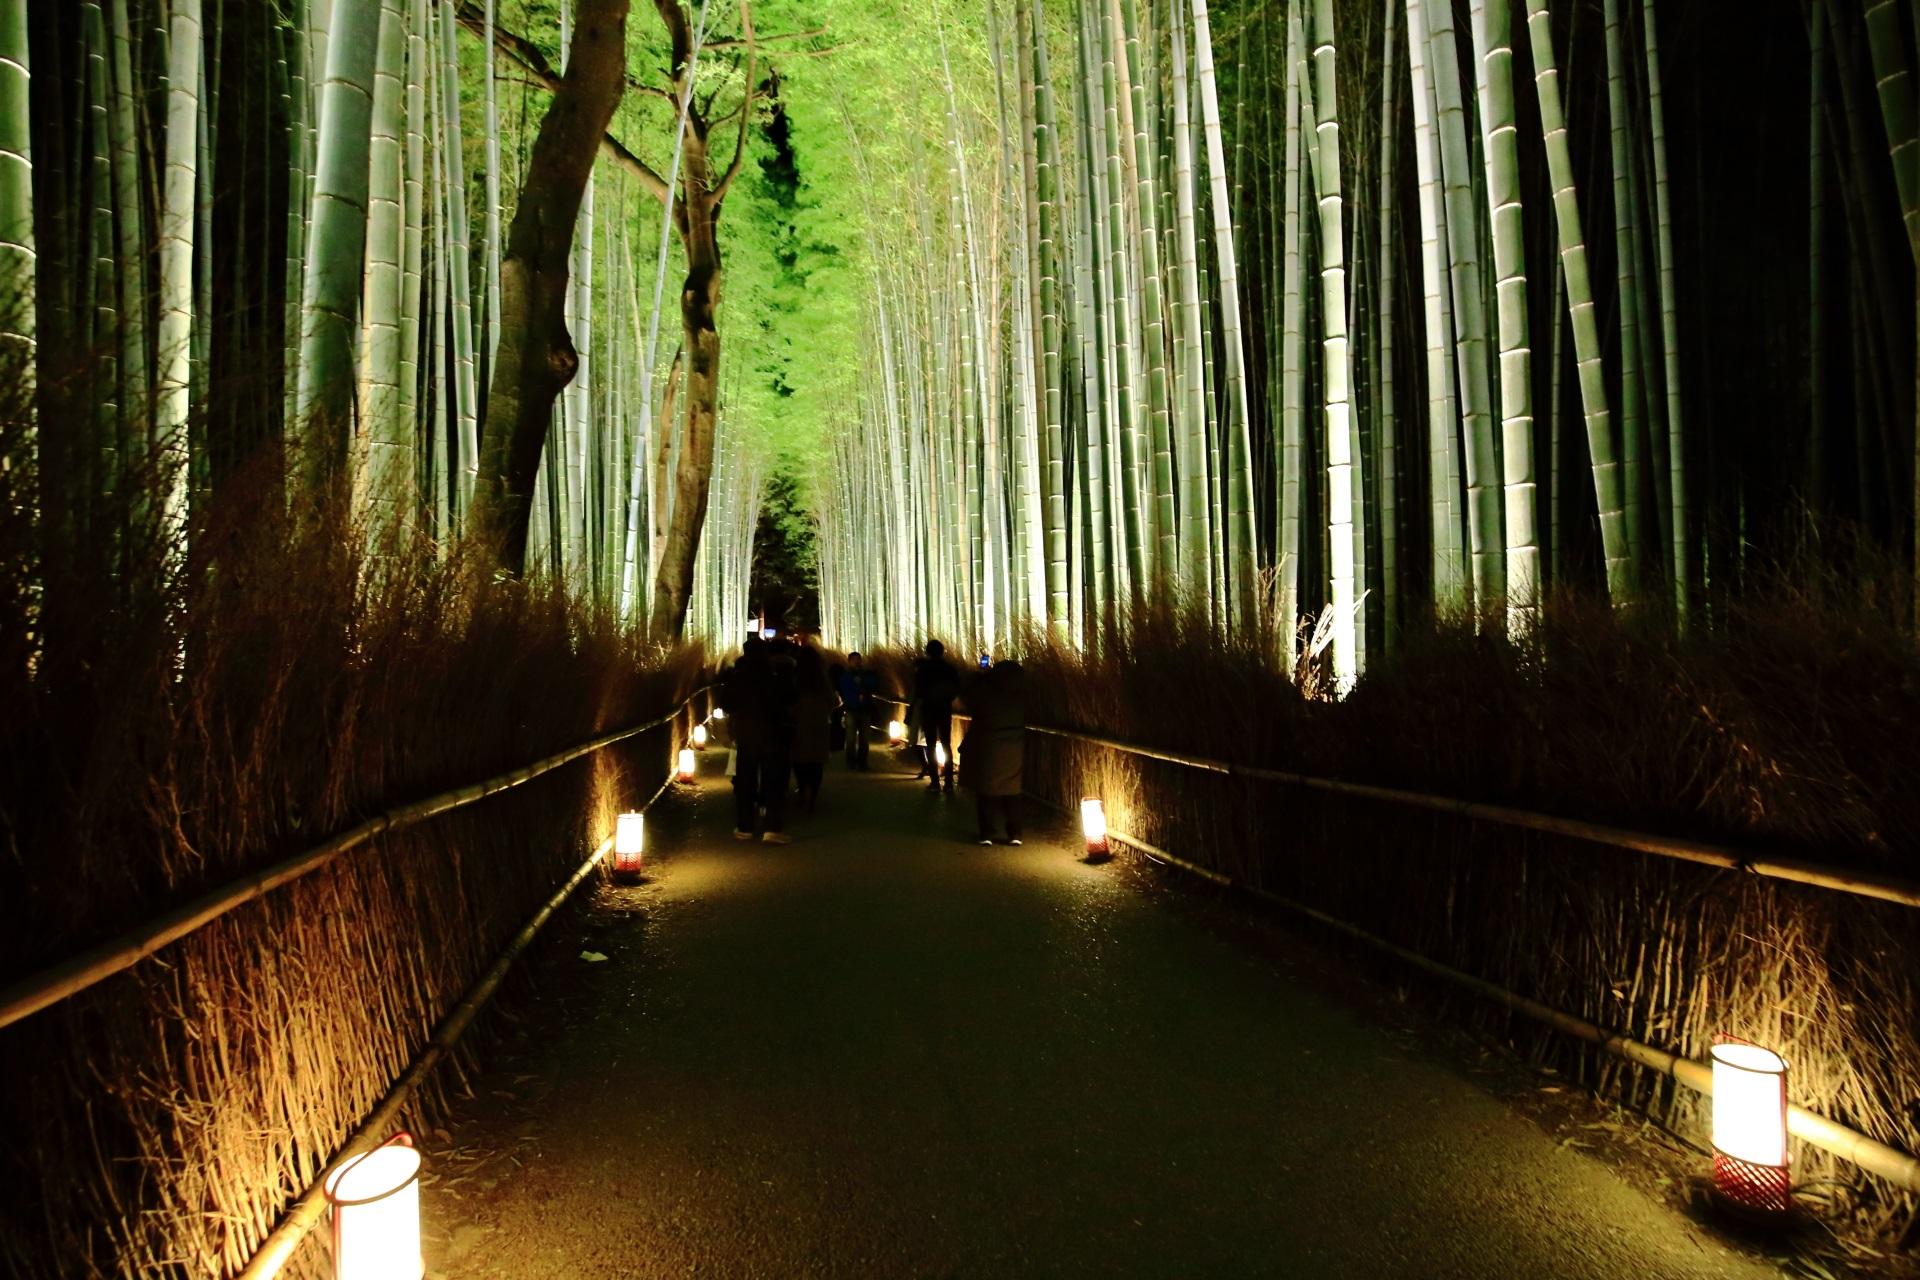 竹林の道 高画質 写真 嵐山花灯路 ライトアップ